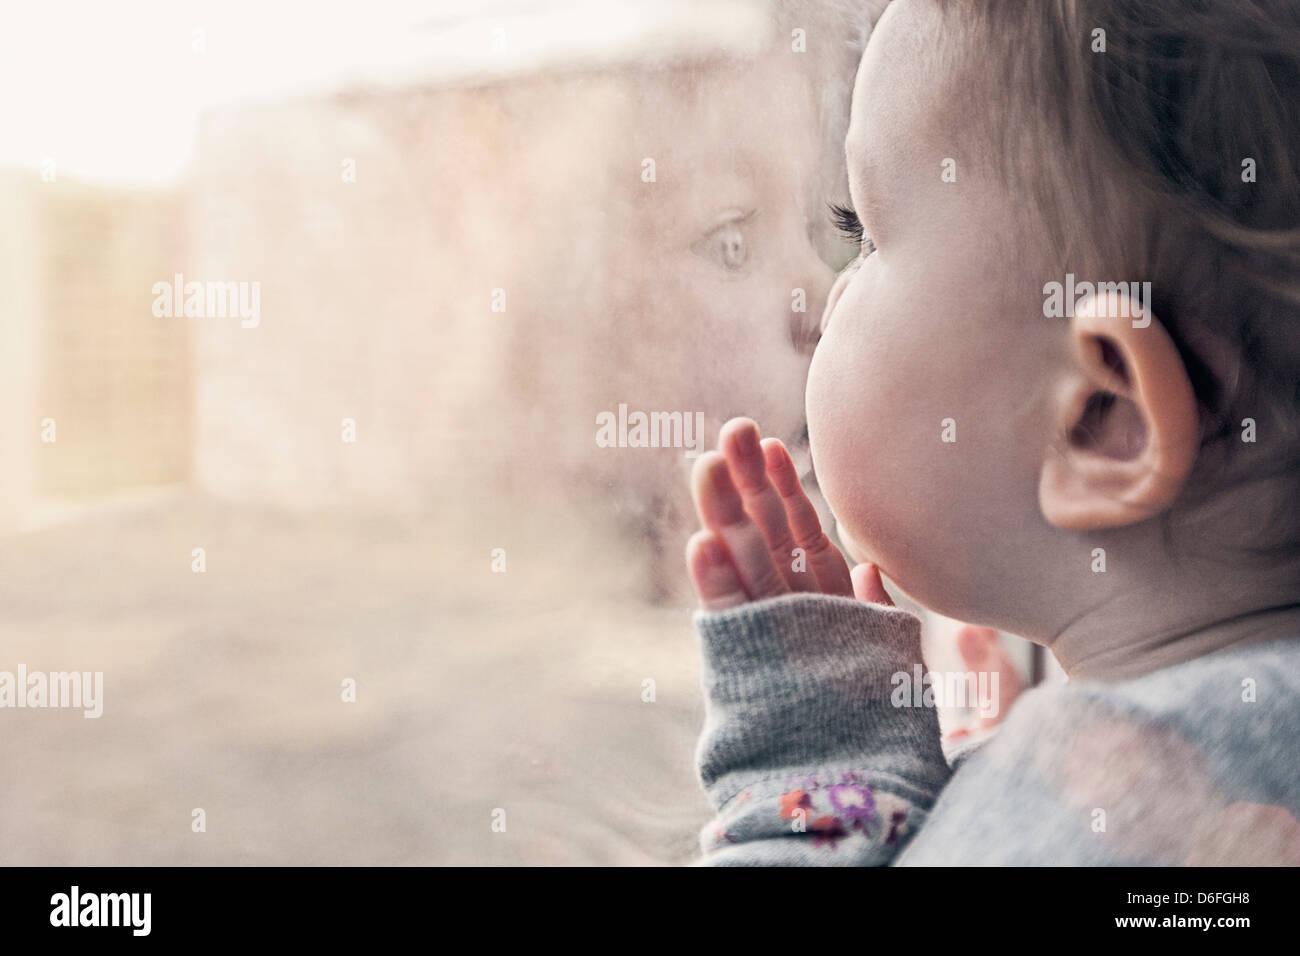 Niedliche Baby Mädchen suchen Fenster Stockbild